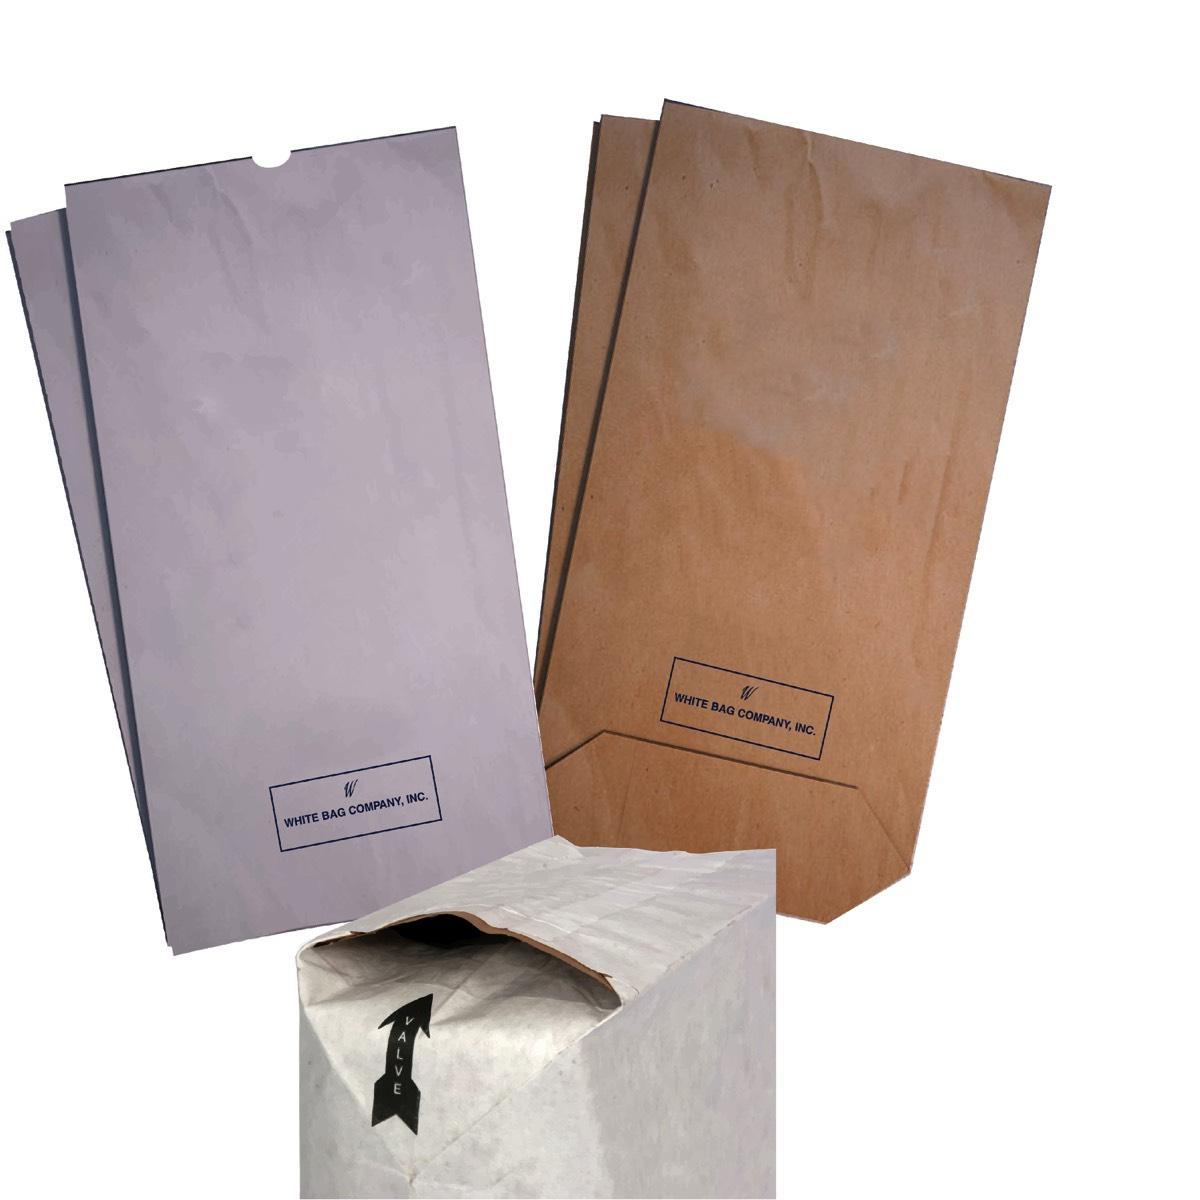 Flexible Packaging - Bulk Bags, Sandbags and More 6